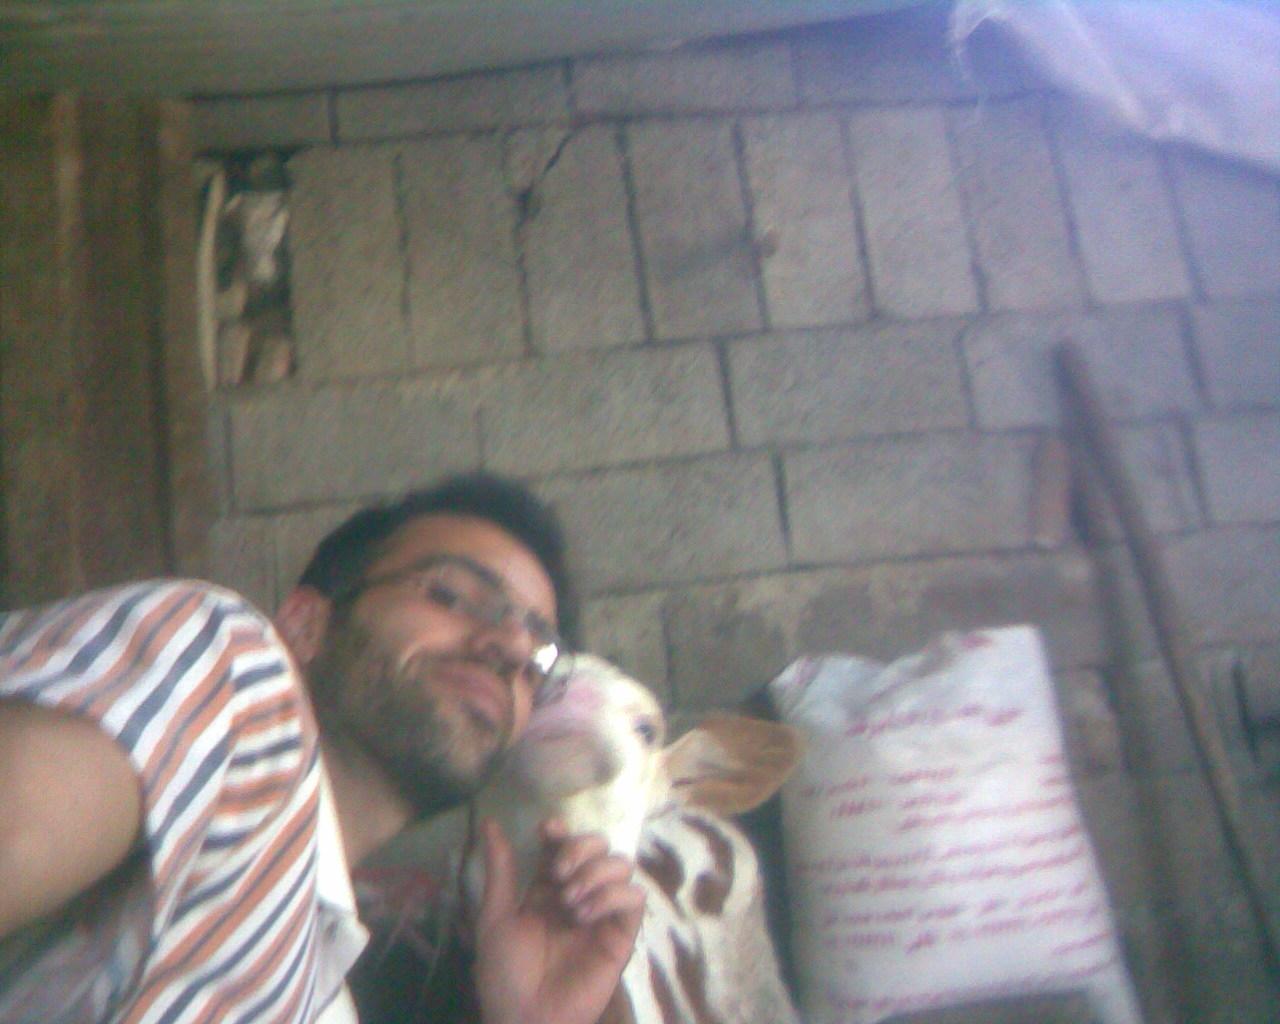 من و گوساله سمینتالم